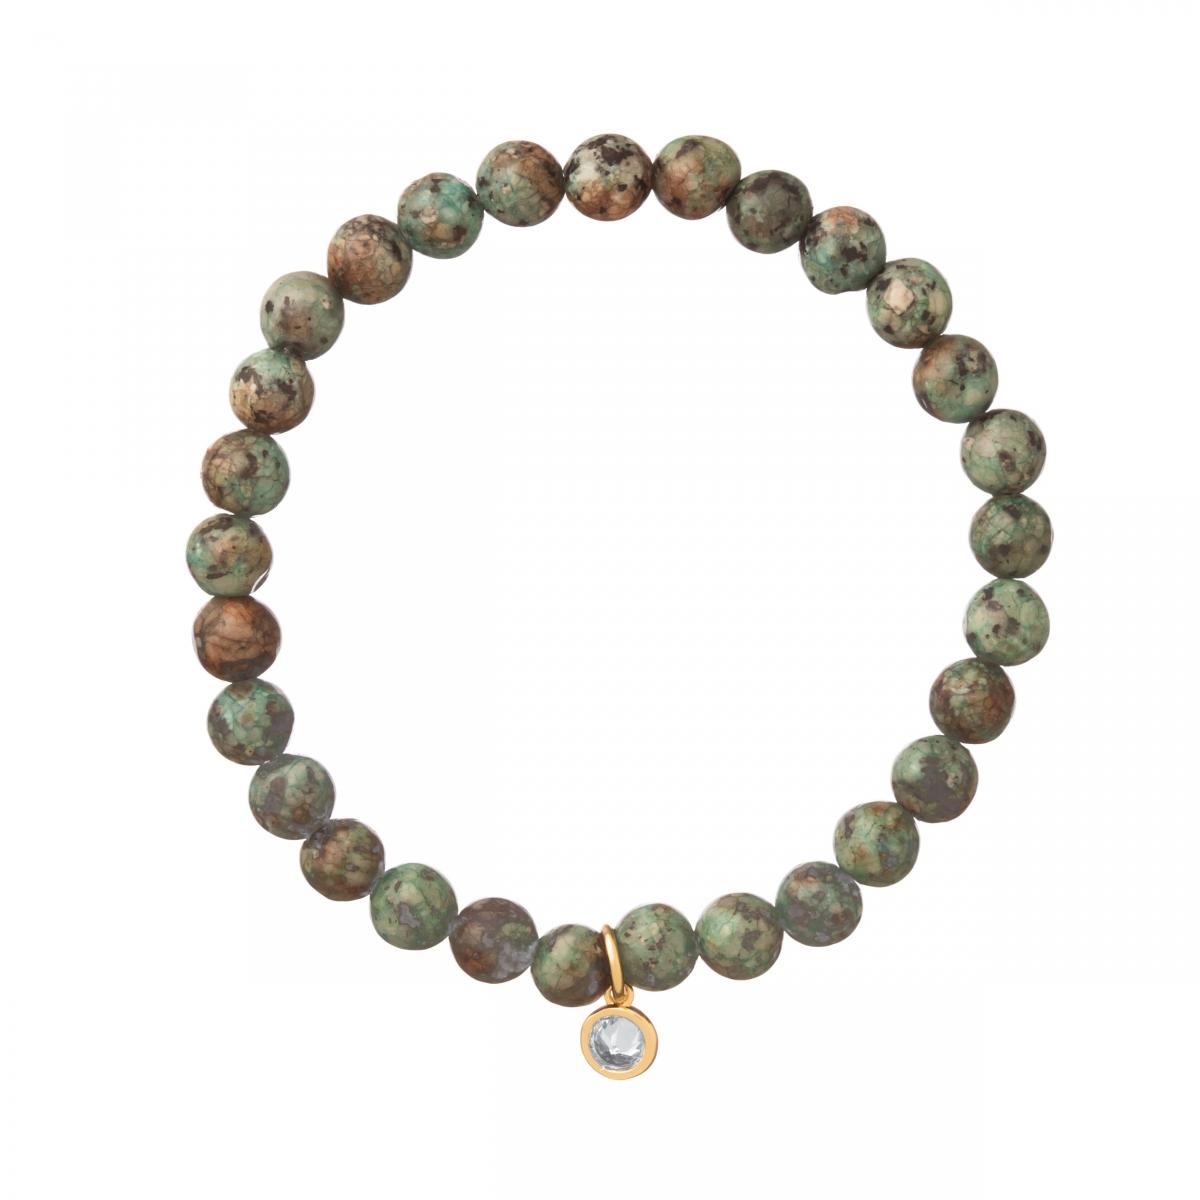 Náramok Mineral Green Lotus Jasper Gold Zircon Crystal